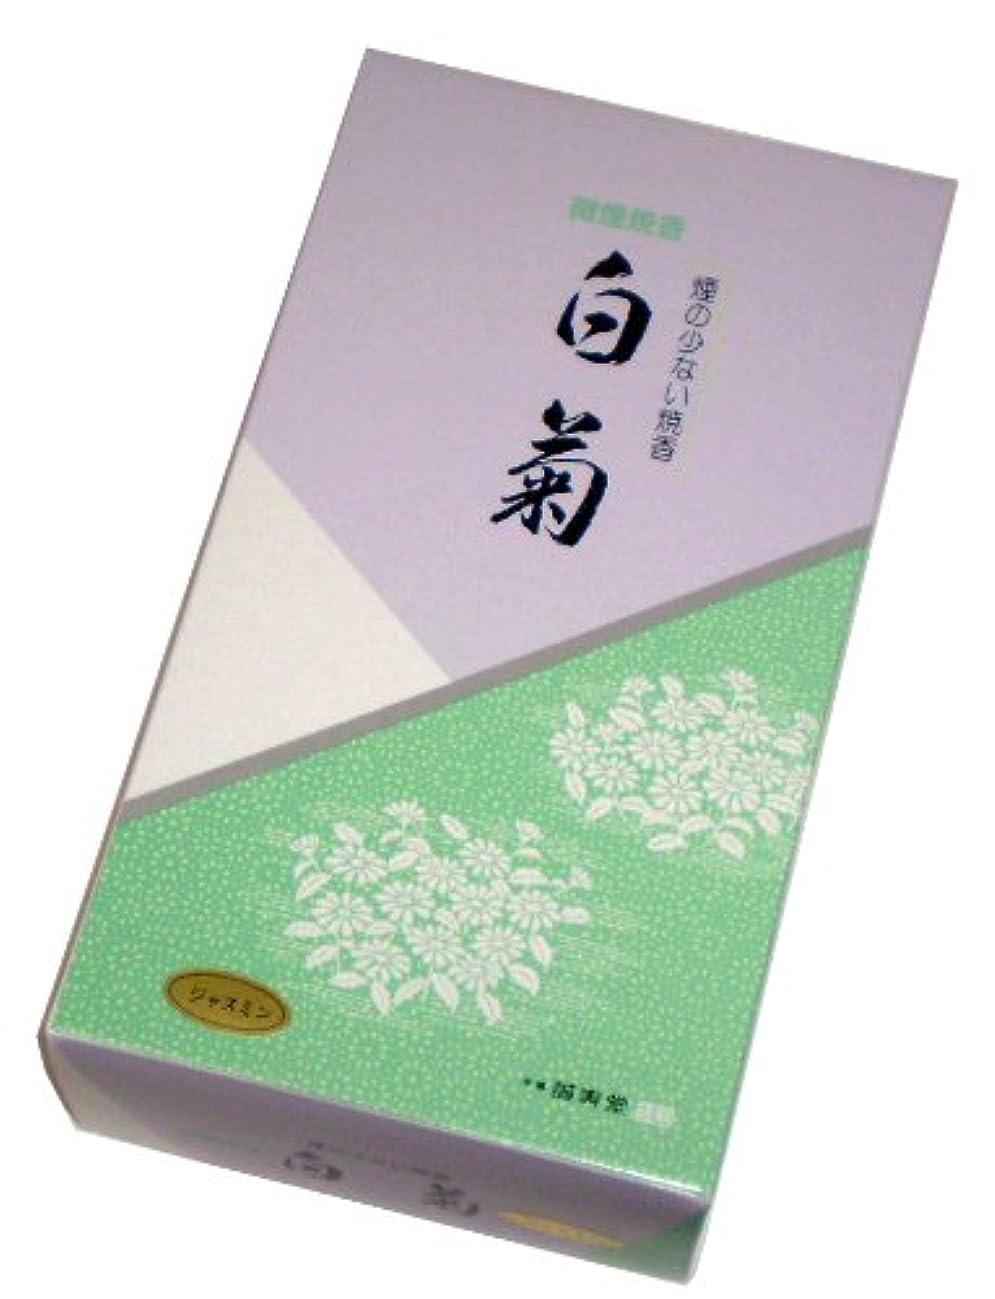 ゆるく不規則な地球誠寿堂のお線香 微煙焼香 白菊(ジャスミン)500g #FJ21